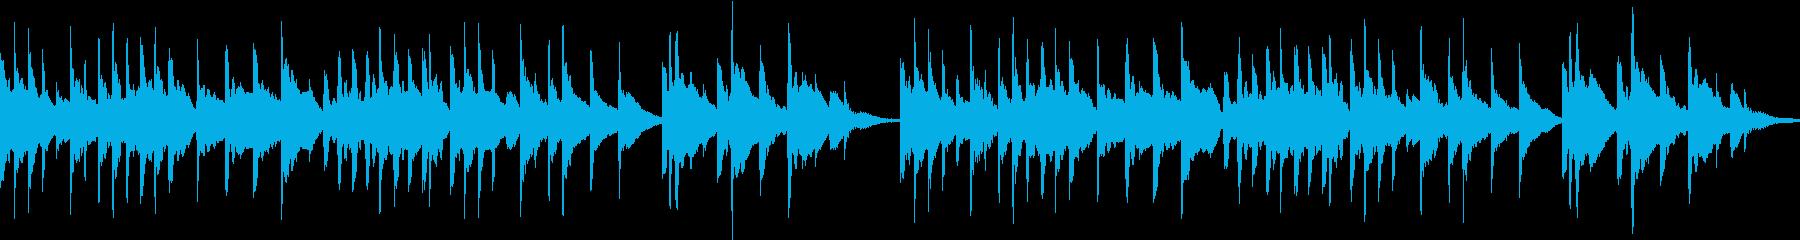 切ないメロディーのオルゴール風ループ作品の再生済みの波形